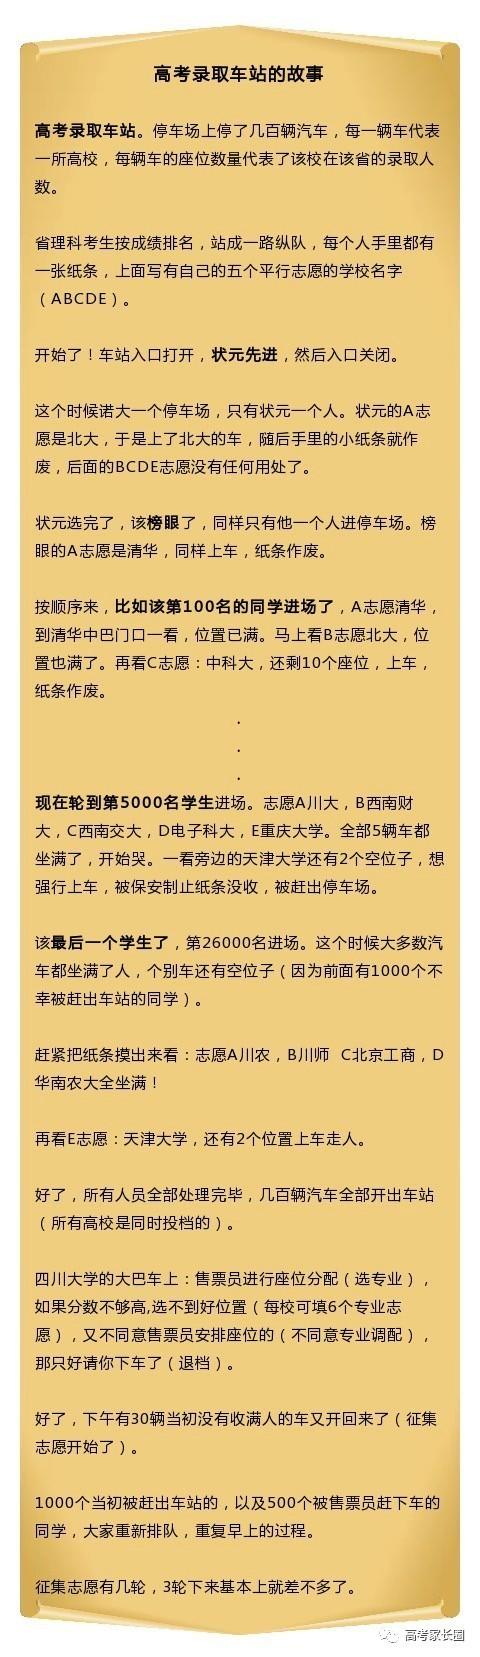 永利澳门游戏网站 3